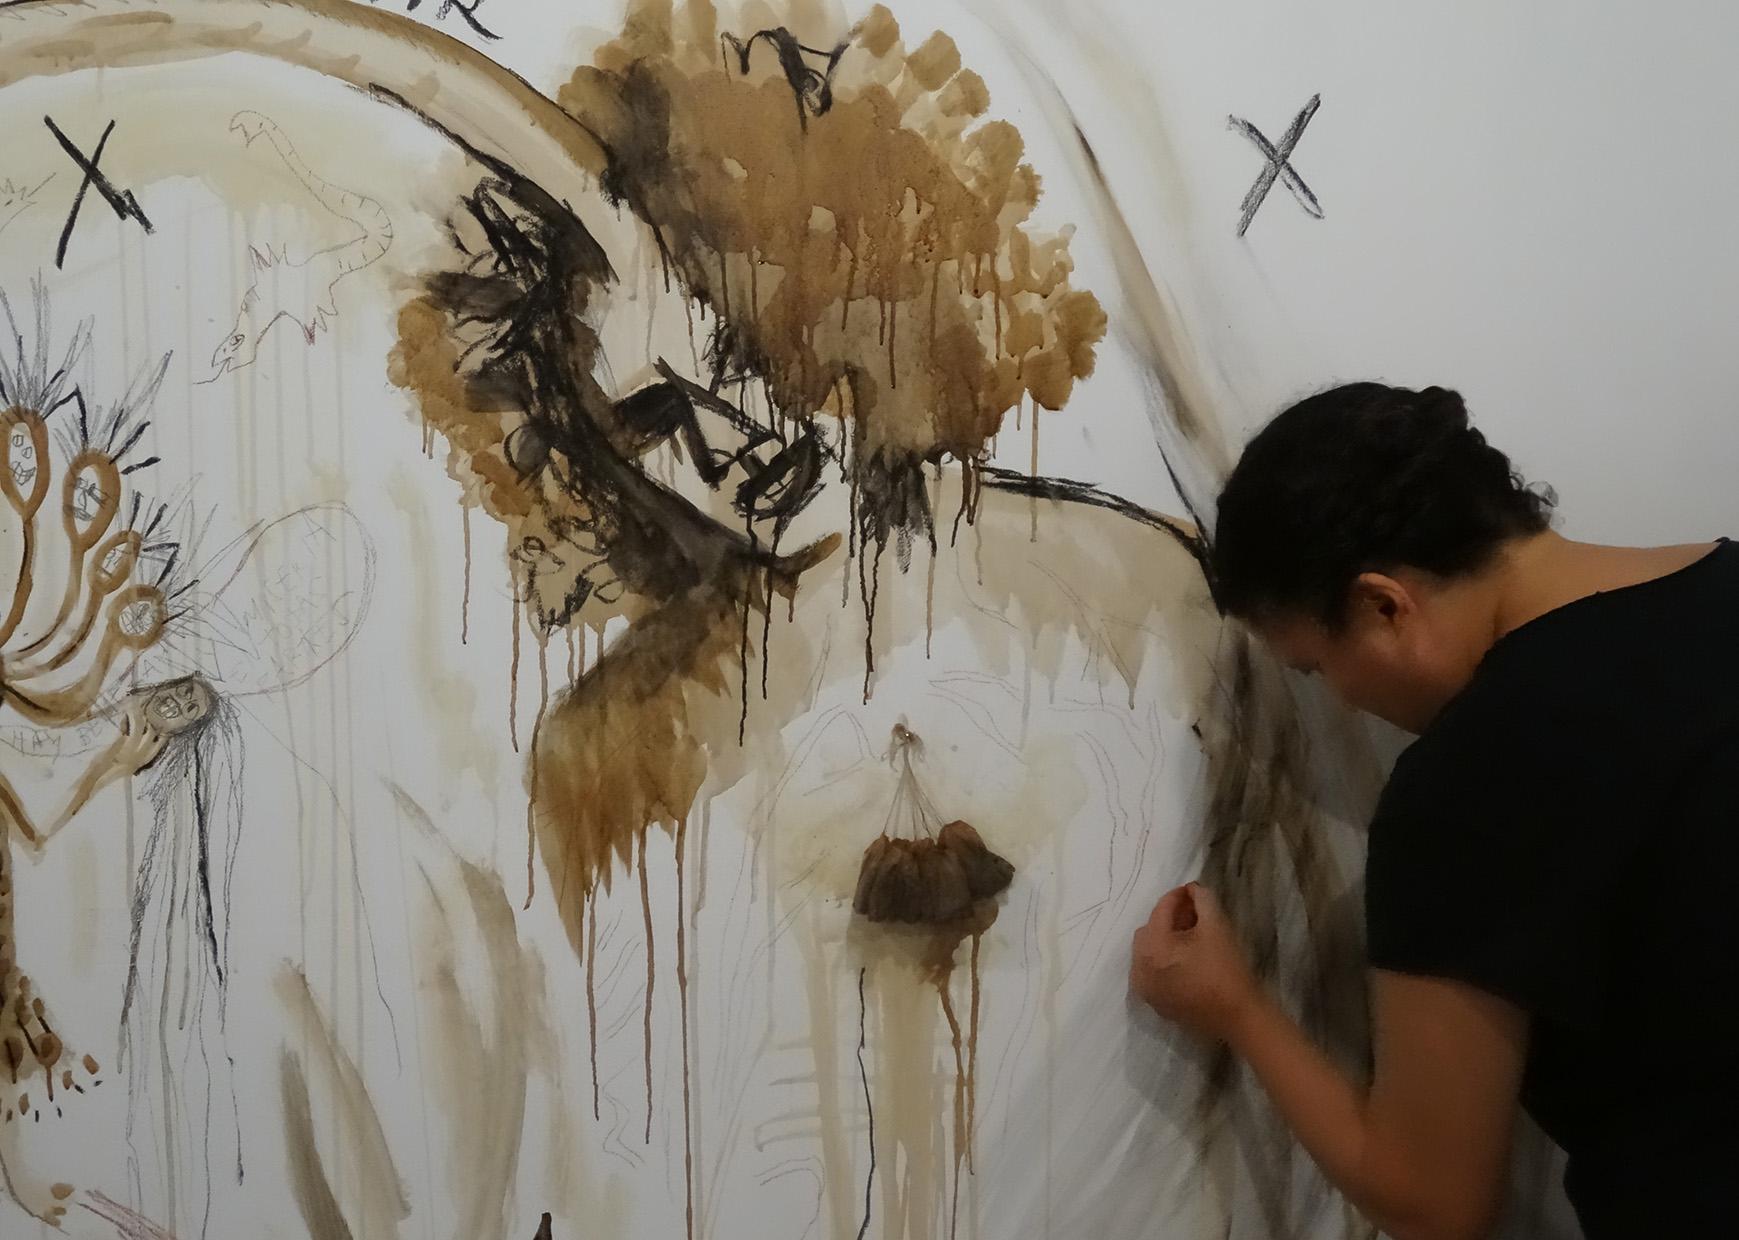 Los Frescos de Blanca Haddad